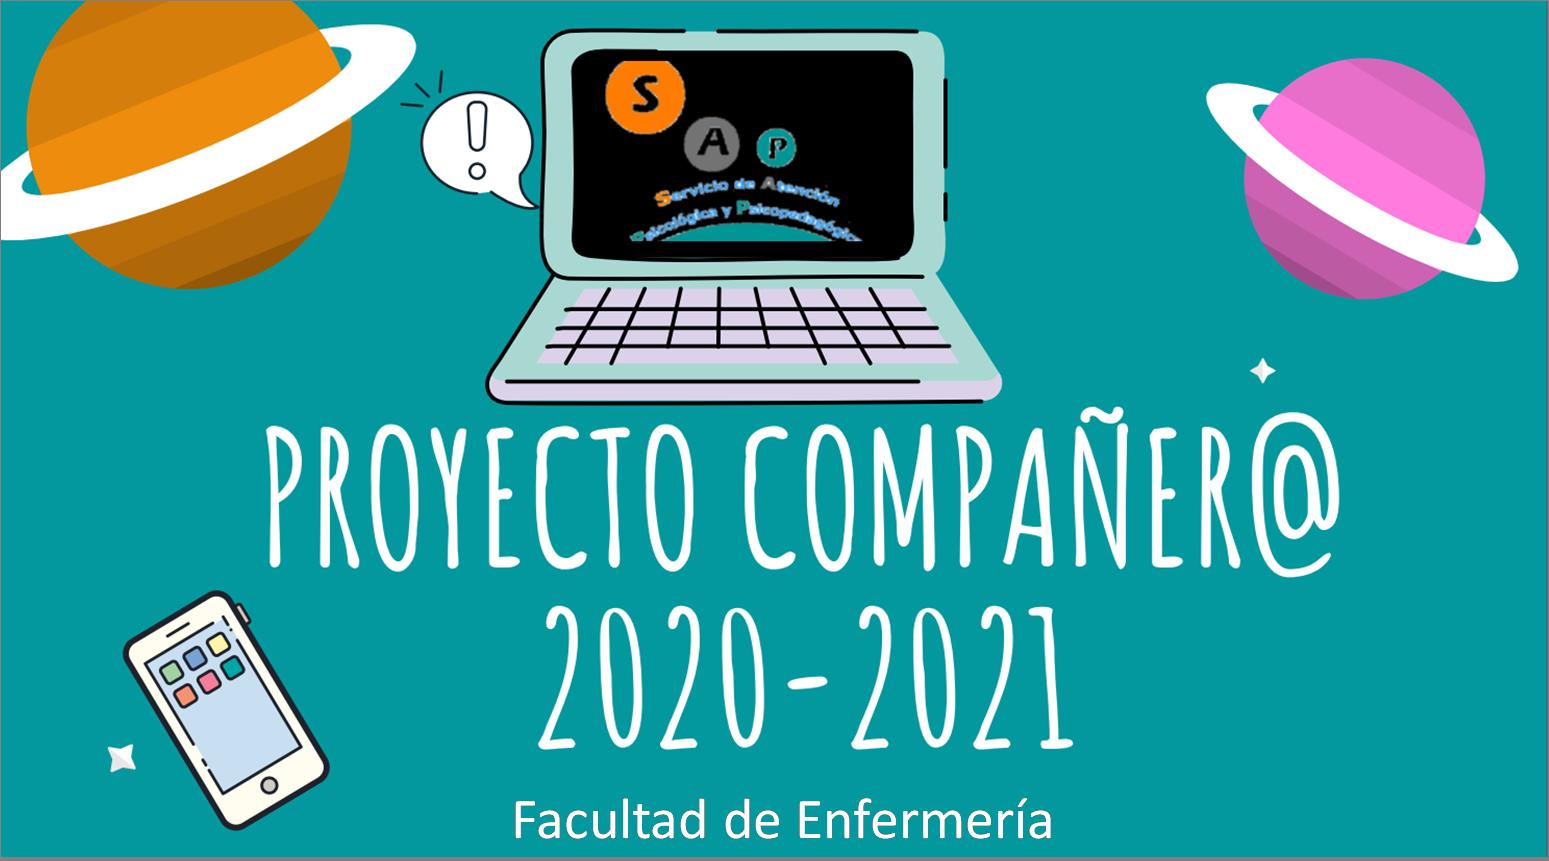 Apúntate. Proyecto Compañero 2020-2021